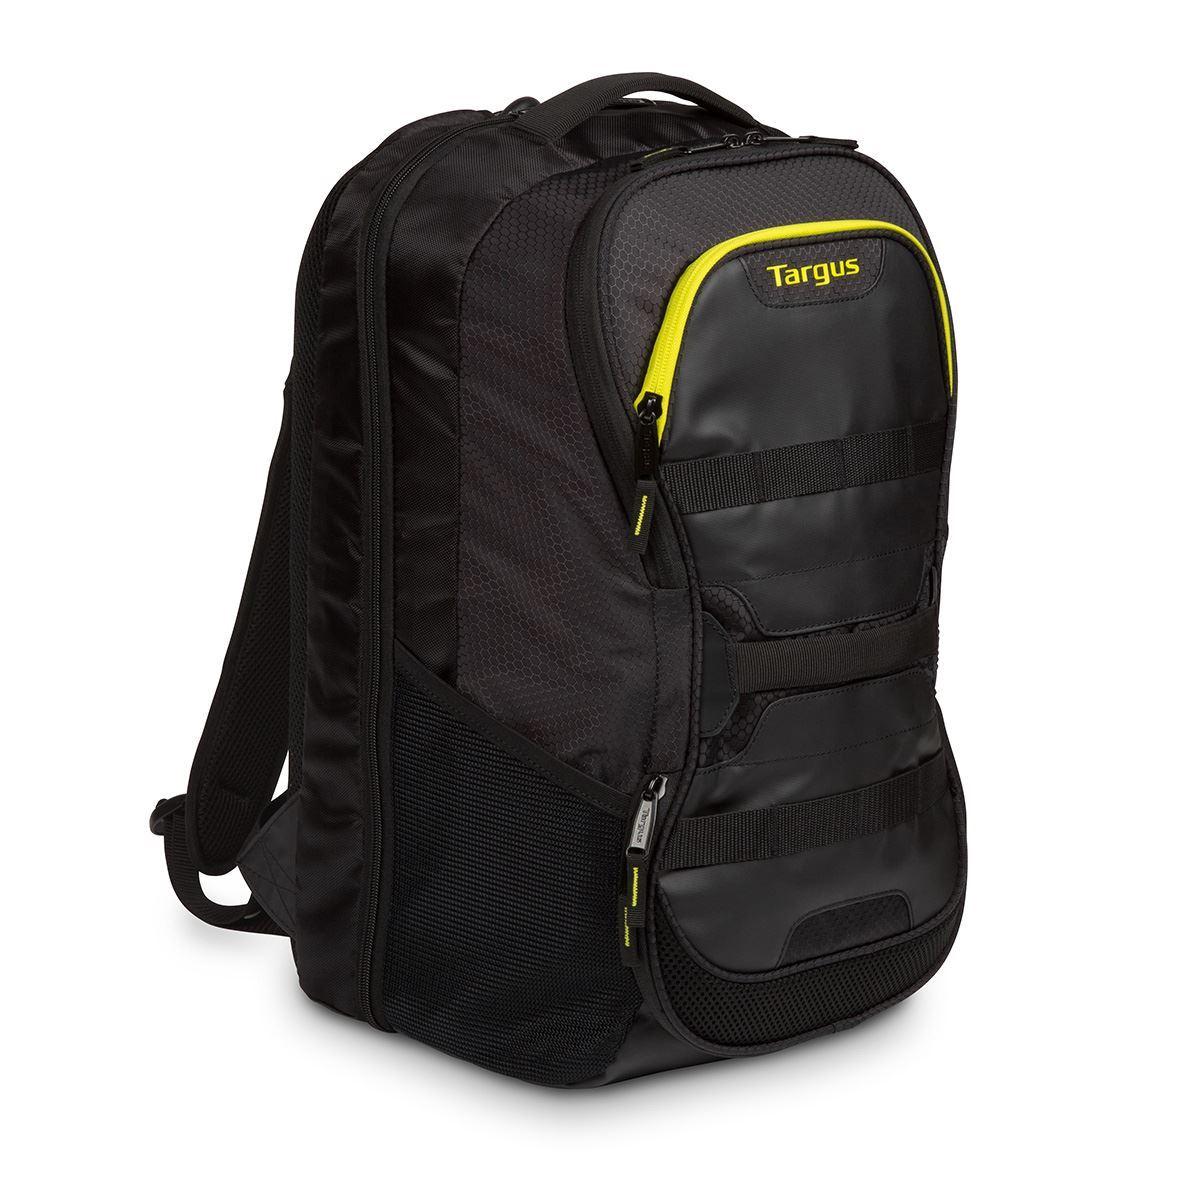 sac dos targus pour multisports pour ordinateur portable 15 6 noir jaune. Black Bedroom Furniture Sets. Home Design Ideas